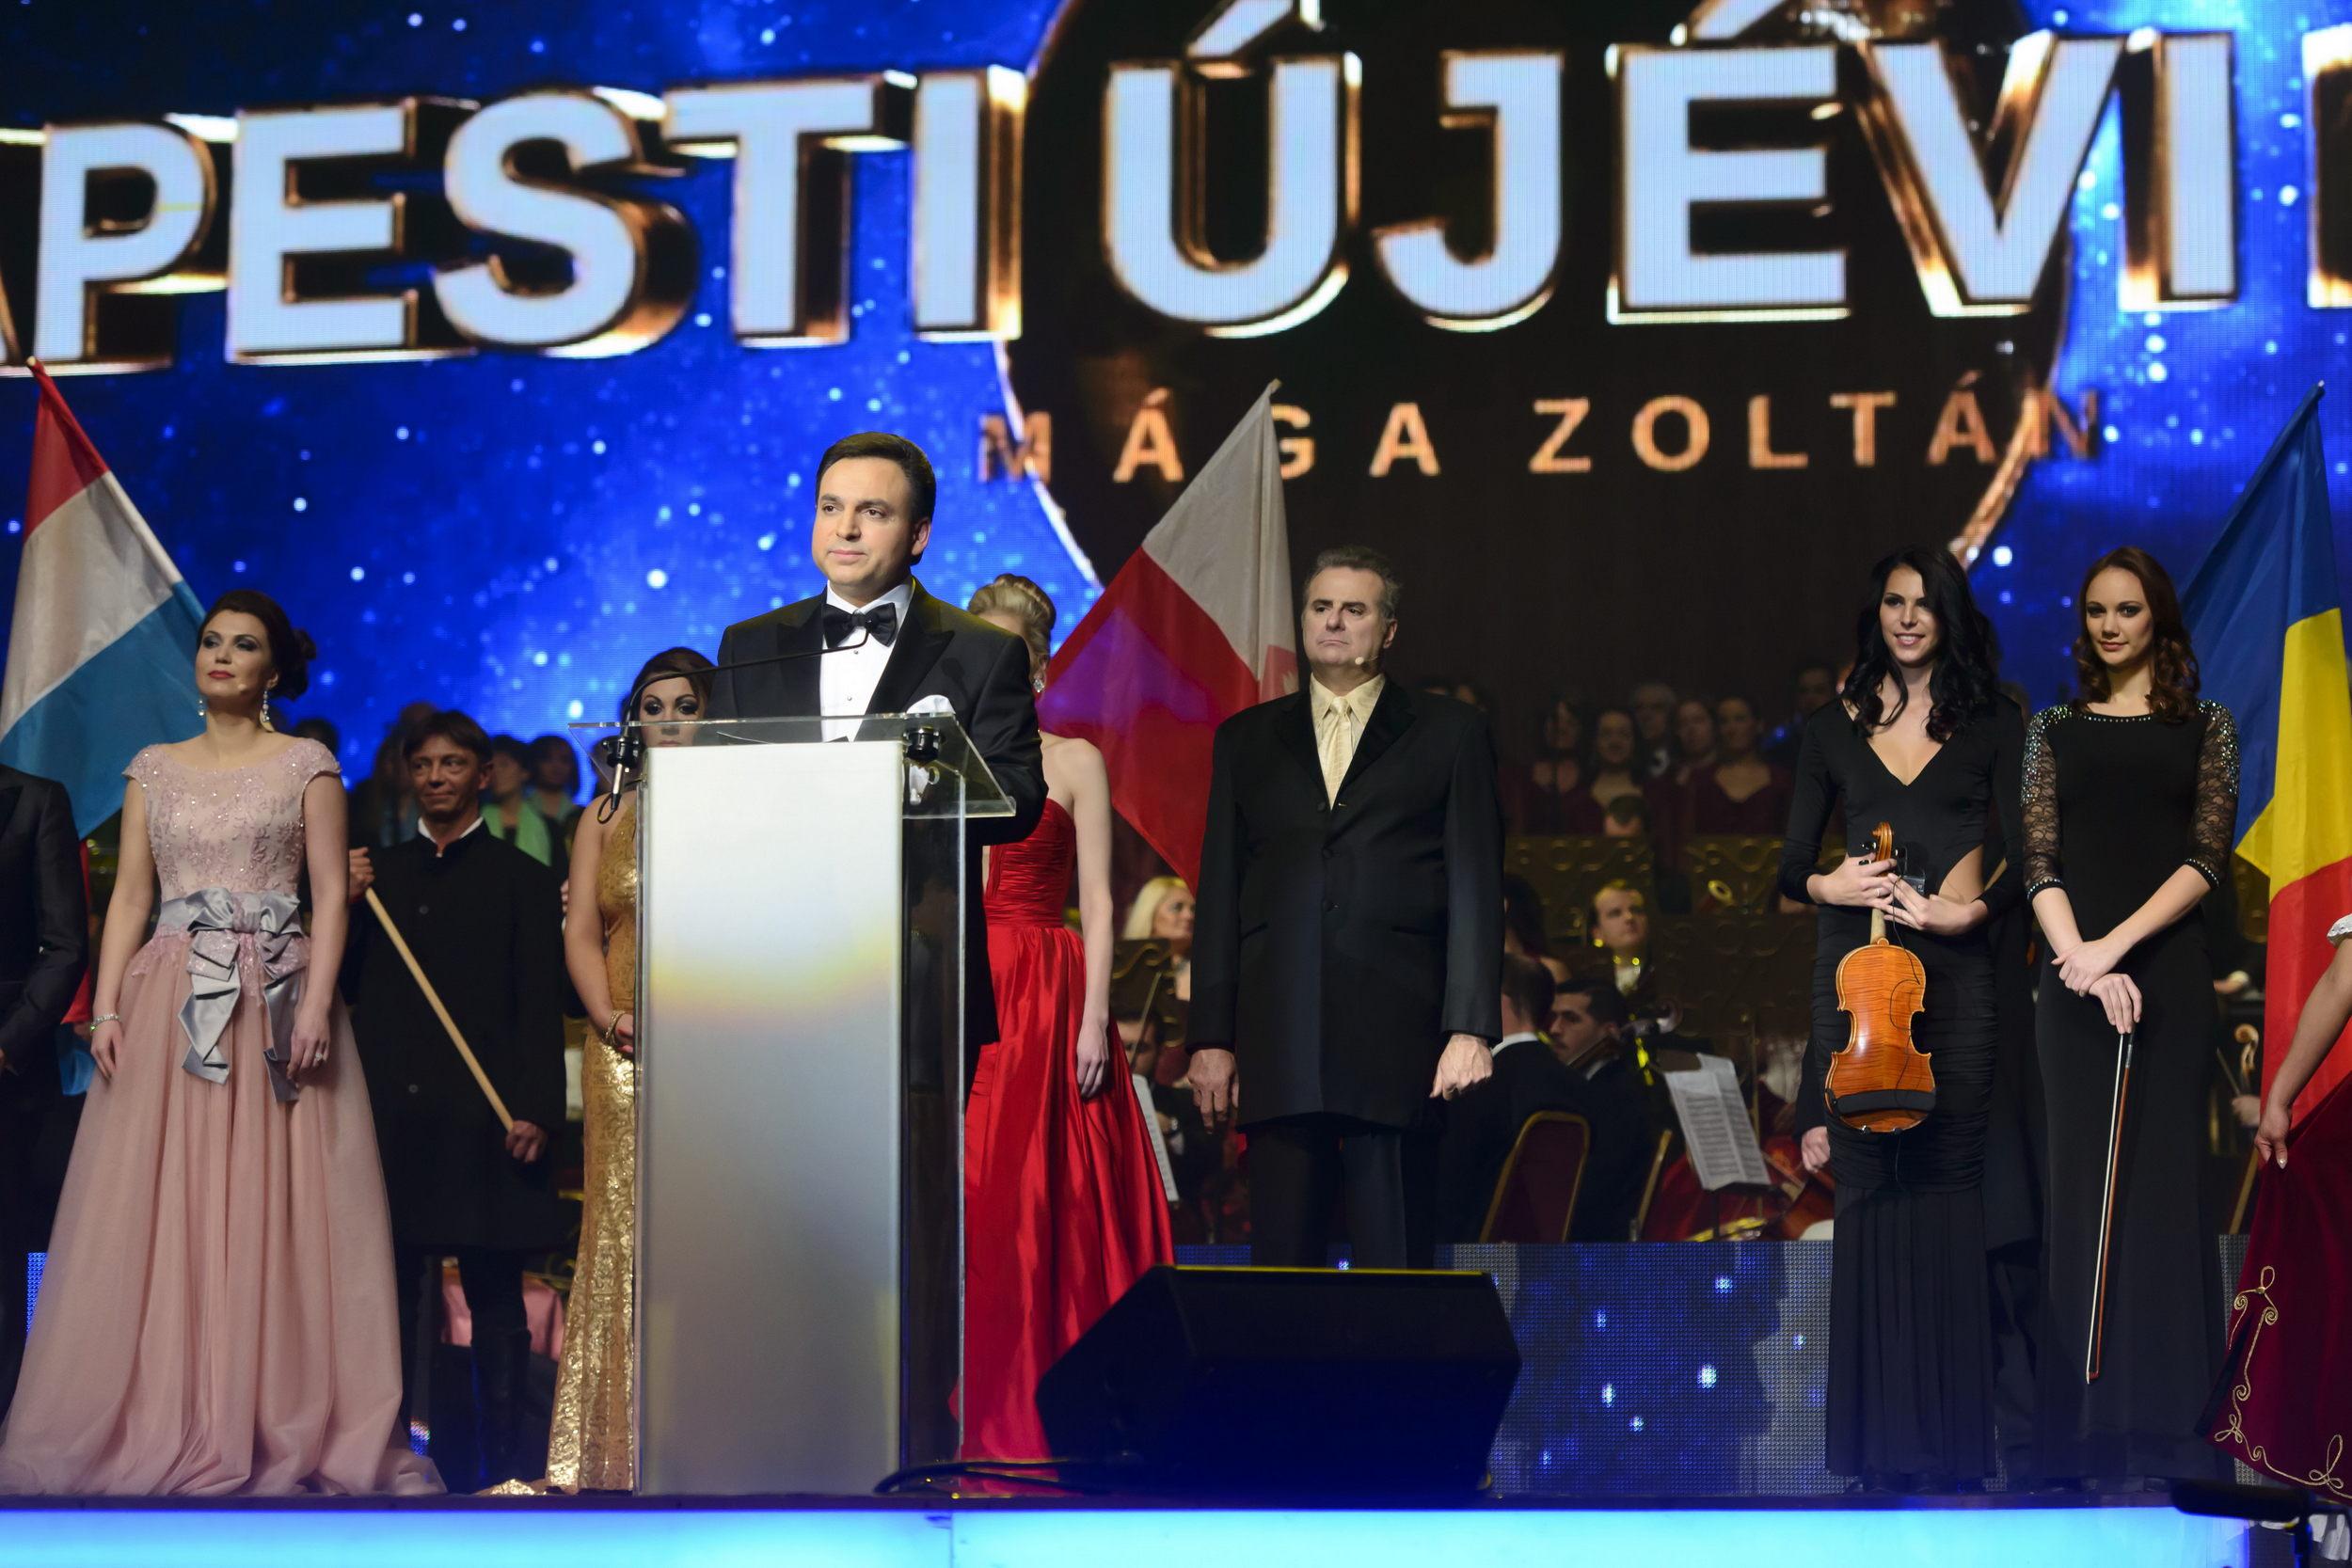 Világsztárok és a Nemzet Színészei Mága Zoltán VIII. Budapesti Újévi Koncertjén